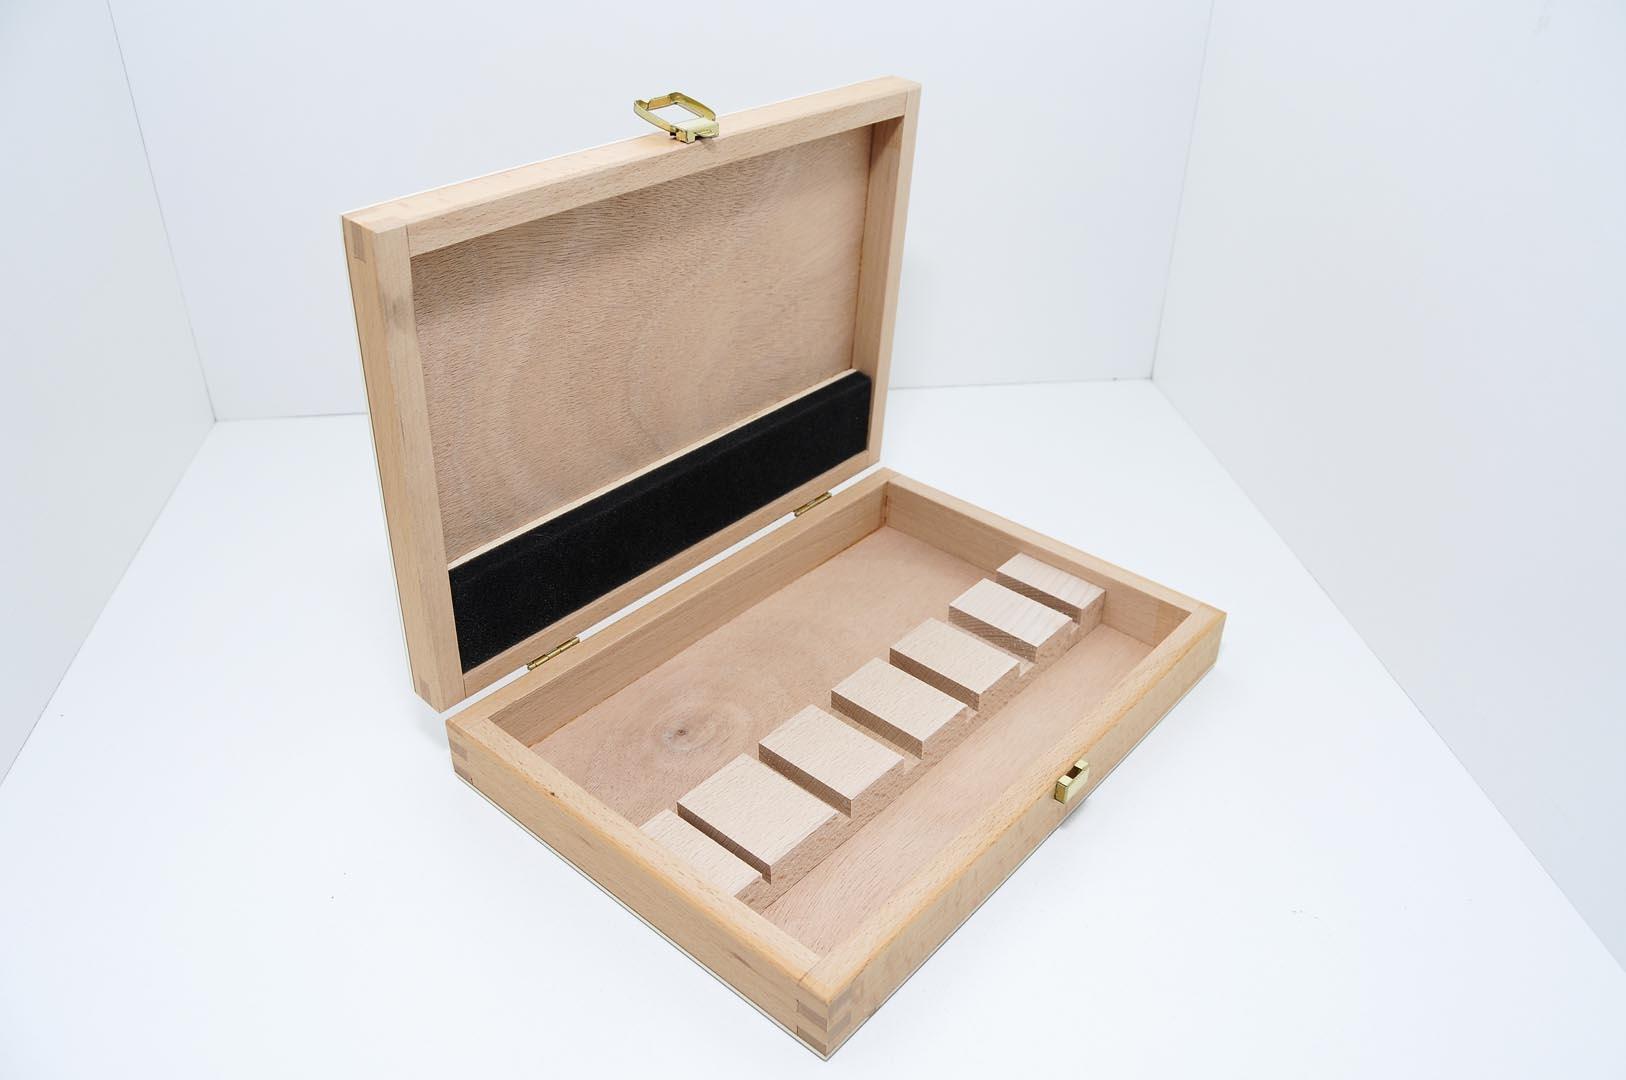 8200136 dos cerezas caja de madera para 6 pz gubias - Gubias para madera ...